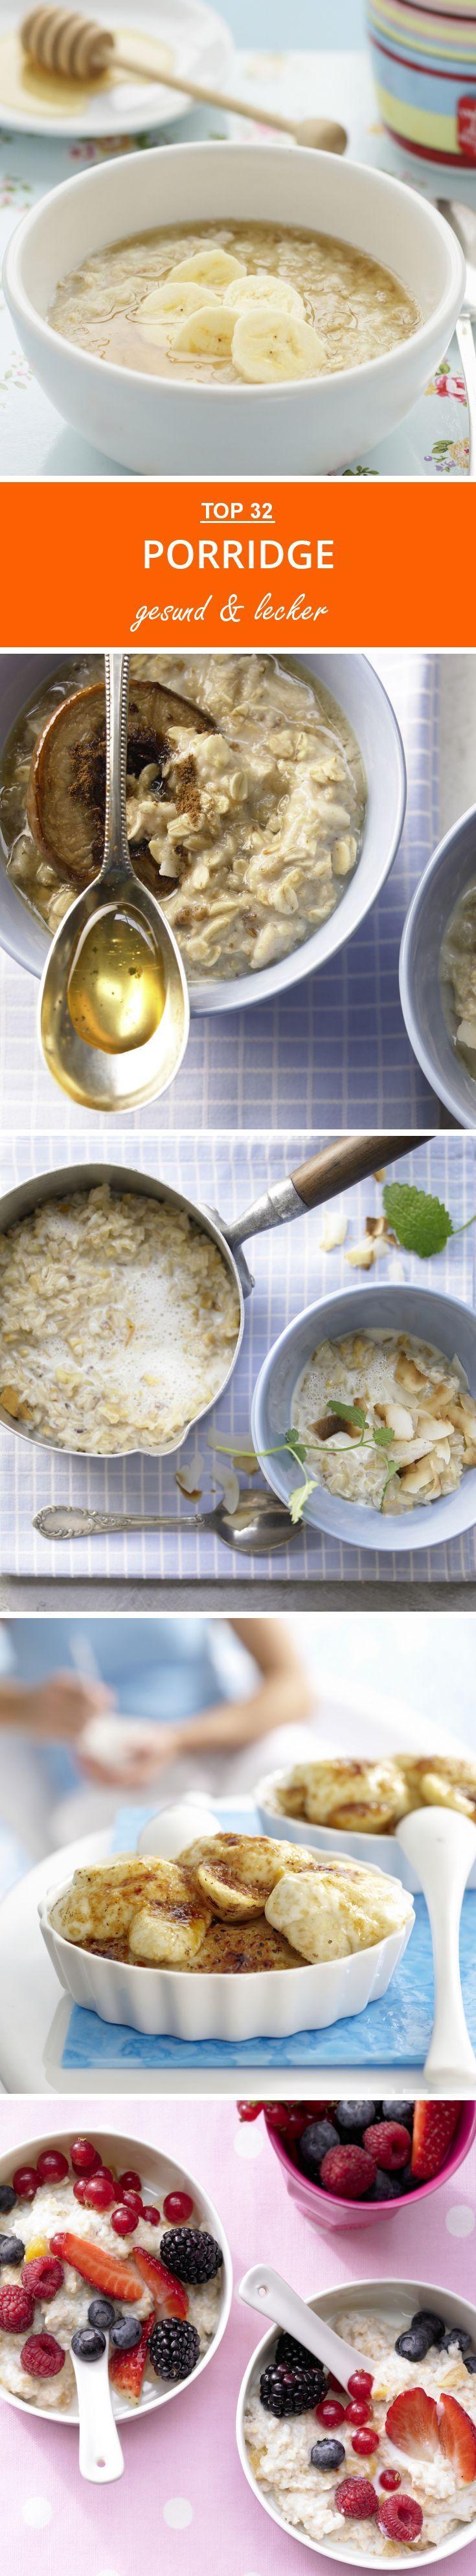 Porridge-Rezepte | Du willst deinen Tag mit Porridge beginnen? Hier zeigen wir dir viele tolle Rezepte zu den gesunden Frühstücksklassiker!